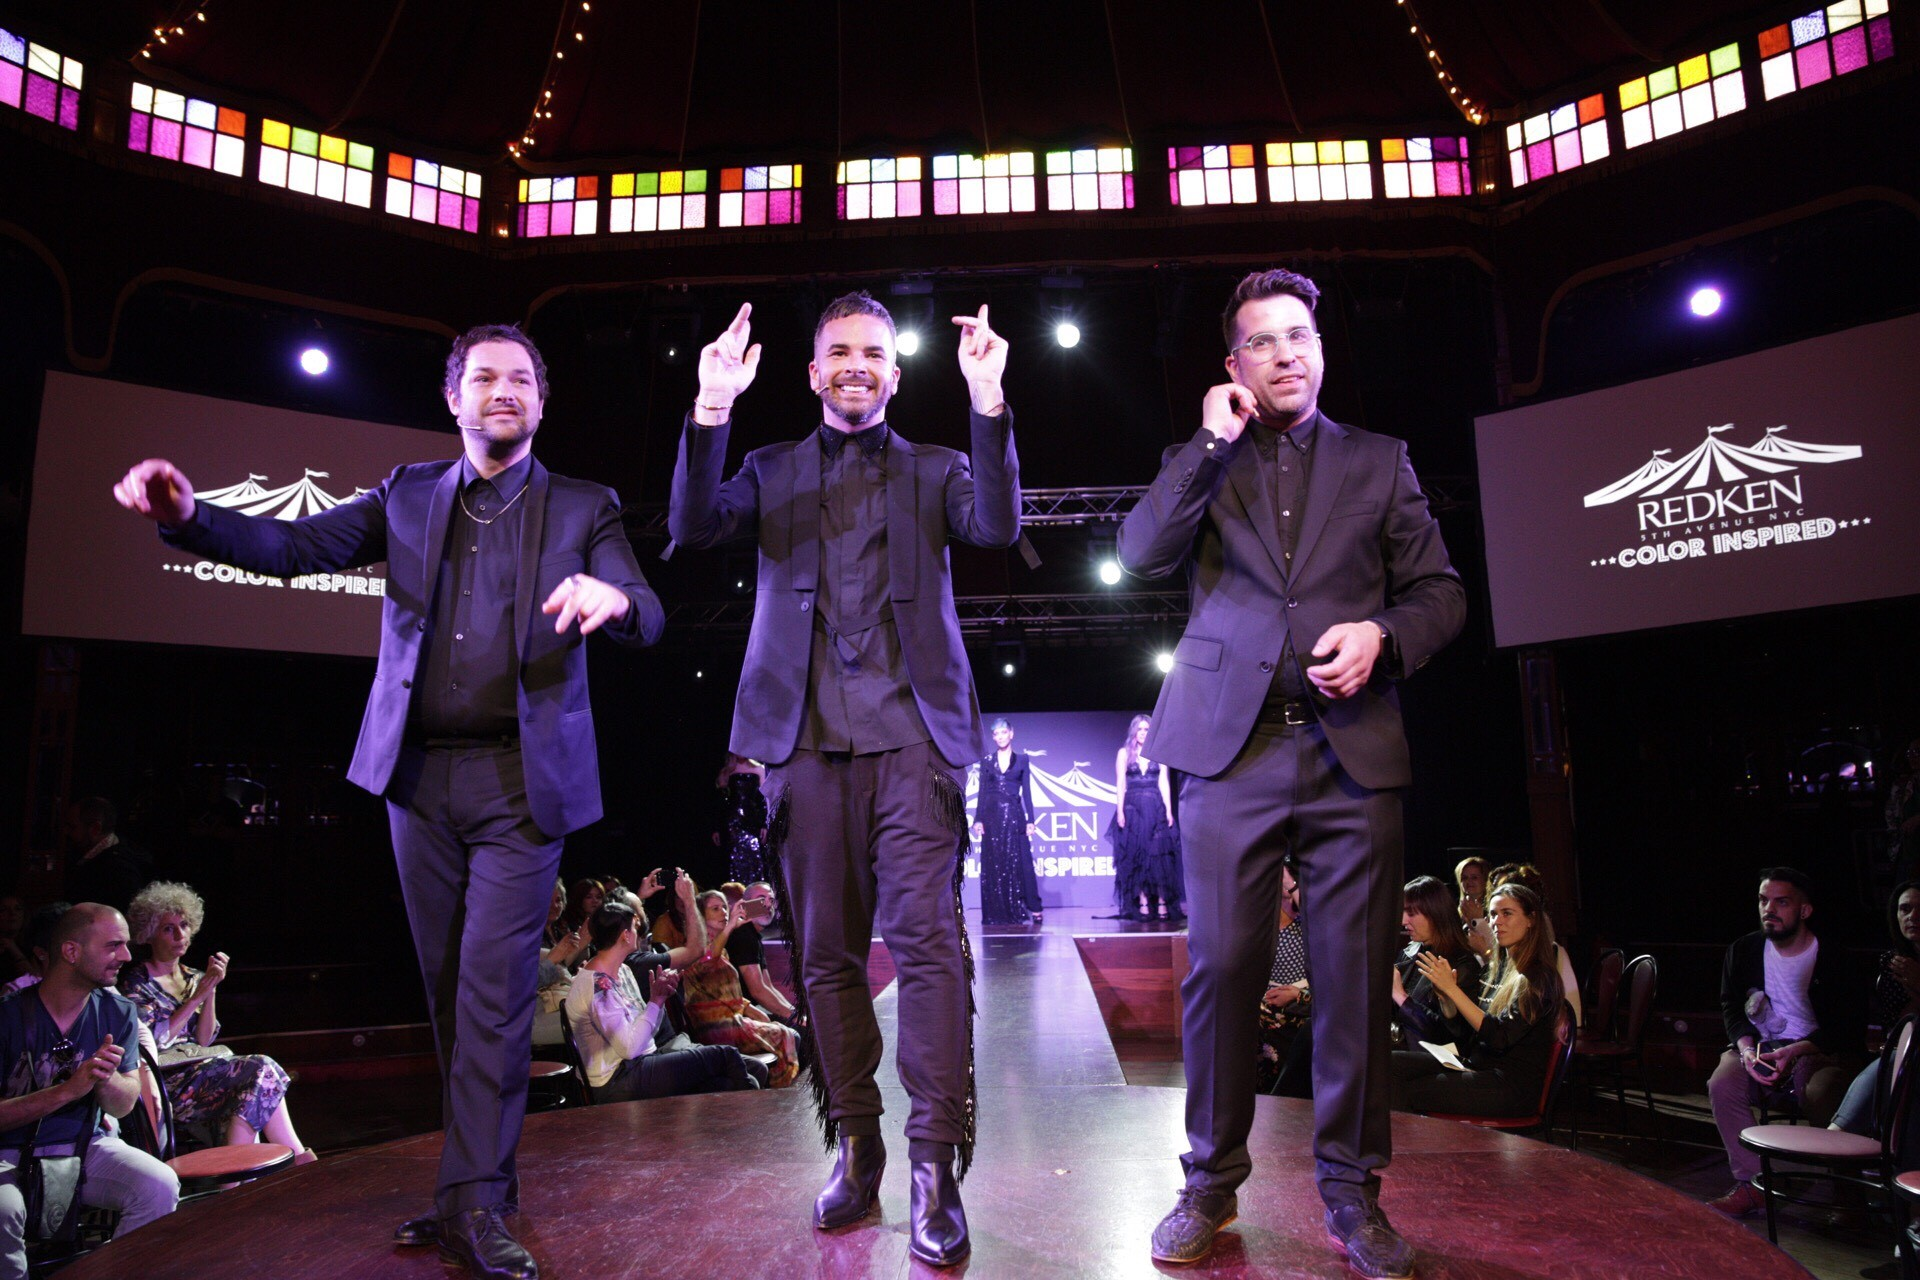 De izquierda a derecha: Iñaki Alonso, Sean Godard y David Sillue durante el show.